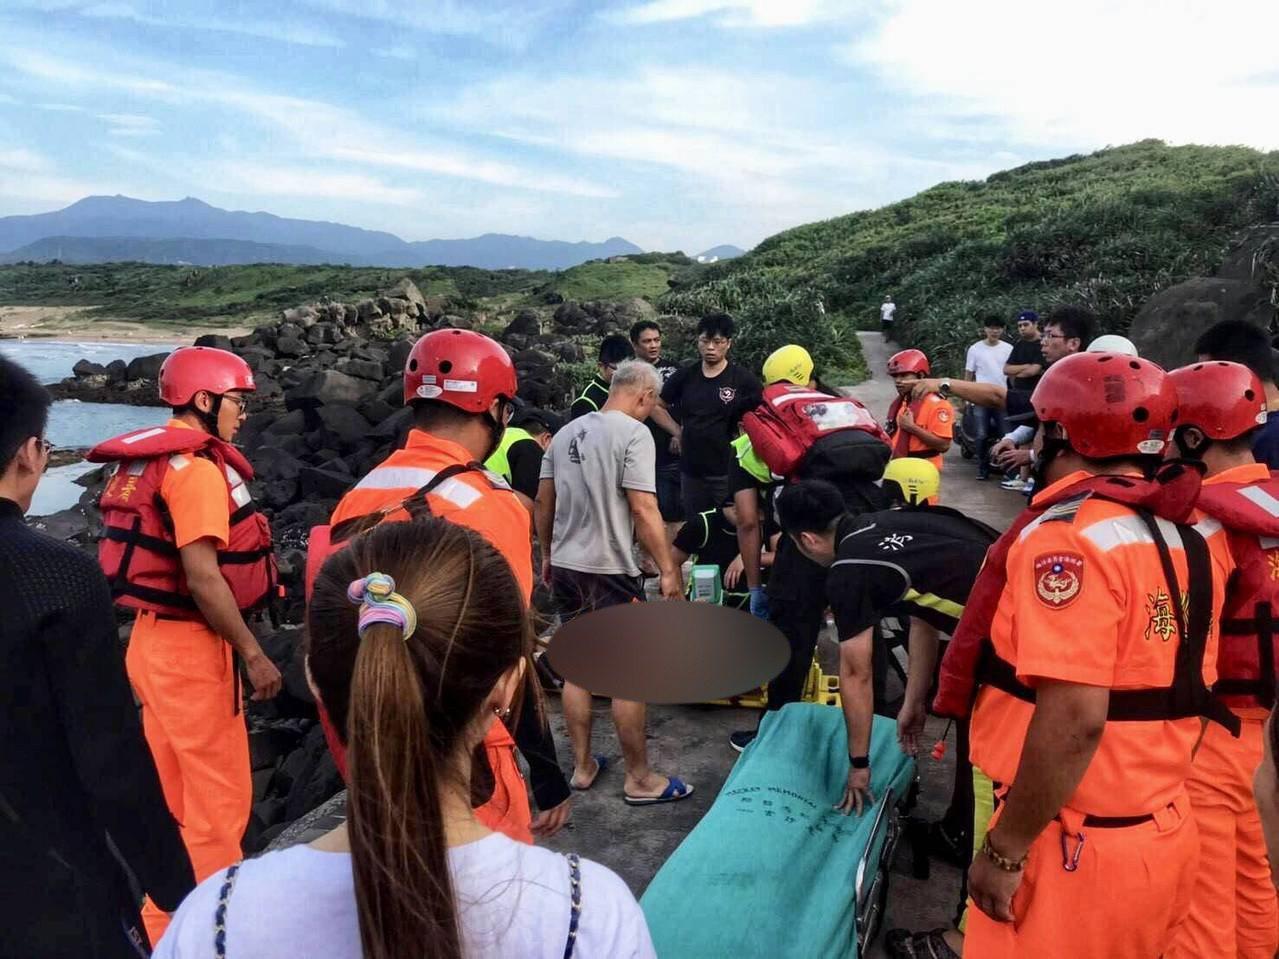 張姓男子在白沙灣麟山鼻海岸溺水,被救起時已無生命跡象。記者吳淑君/翻攝